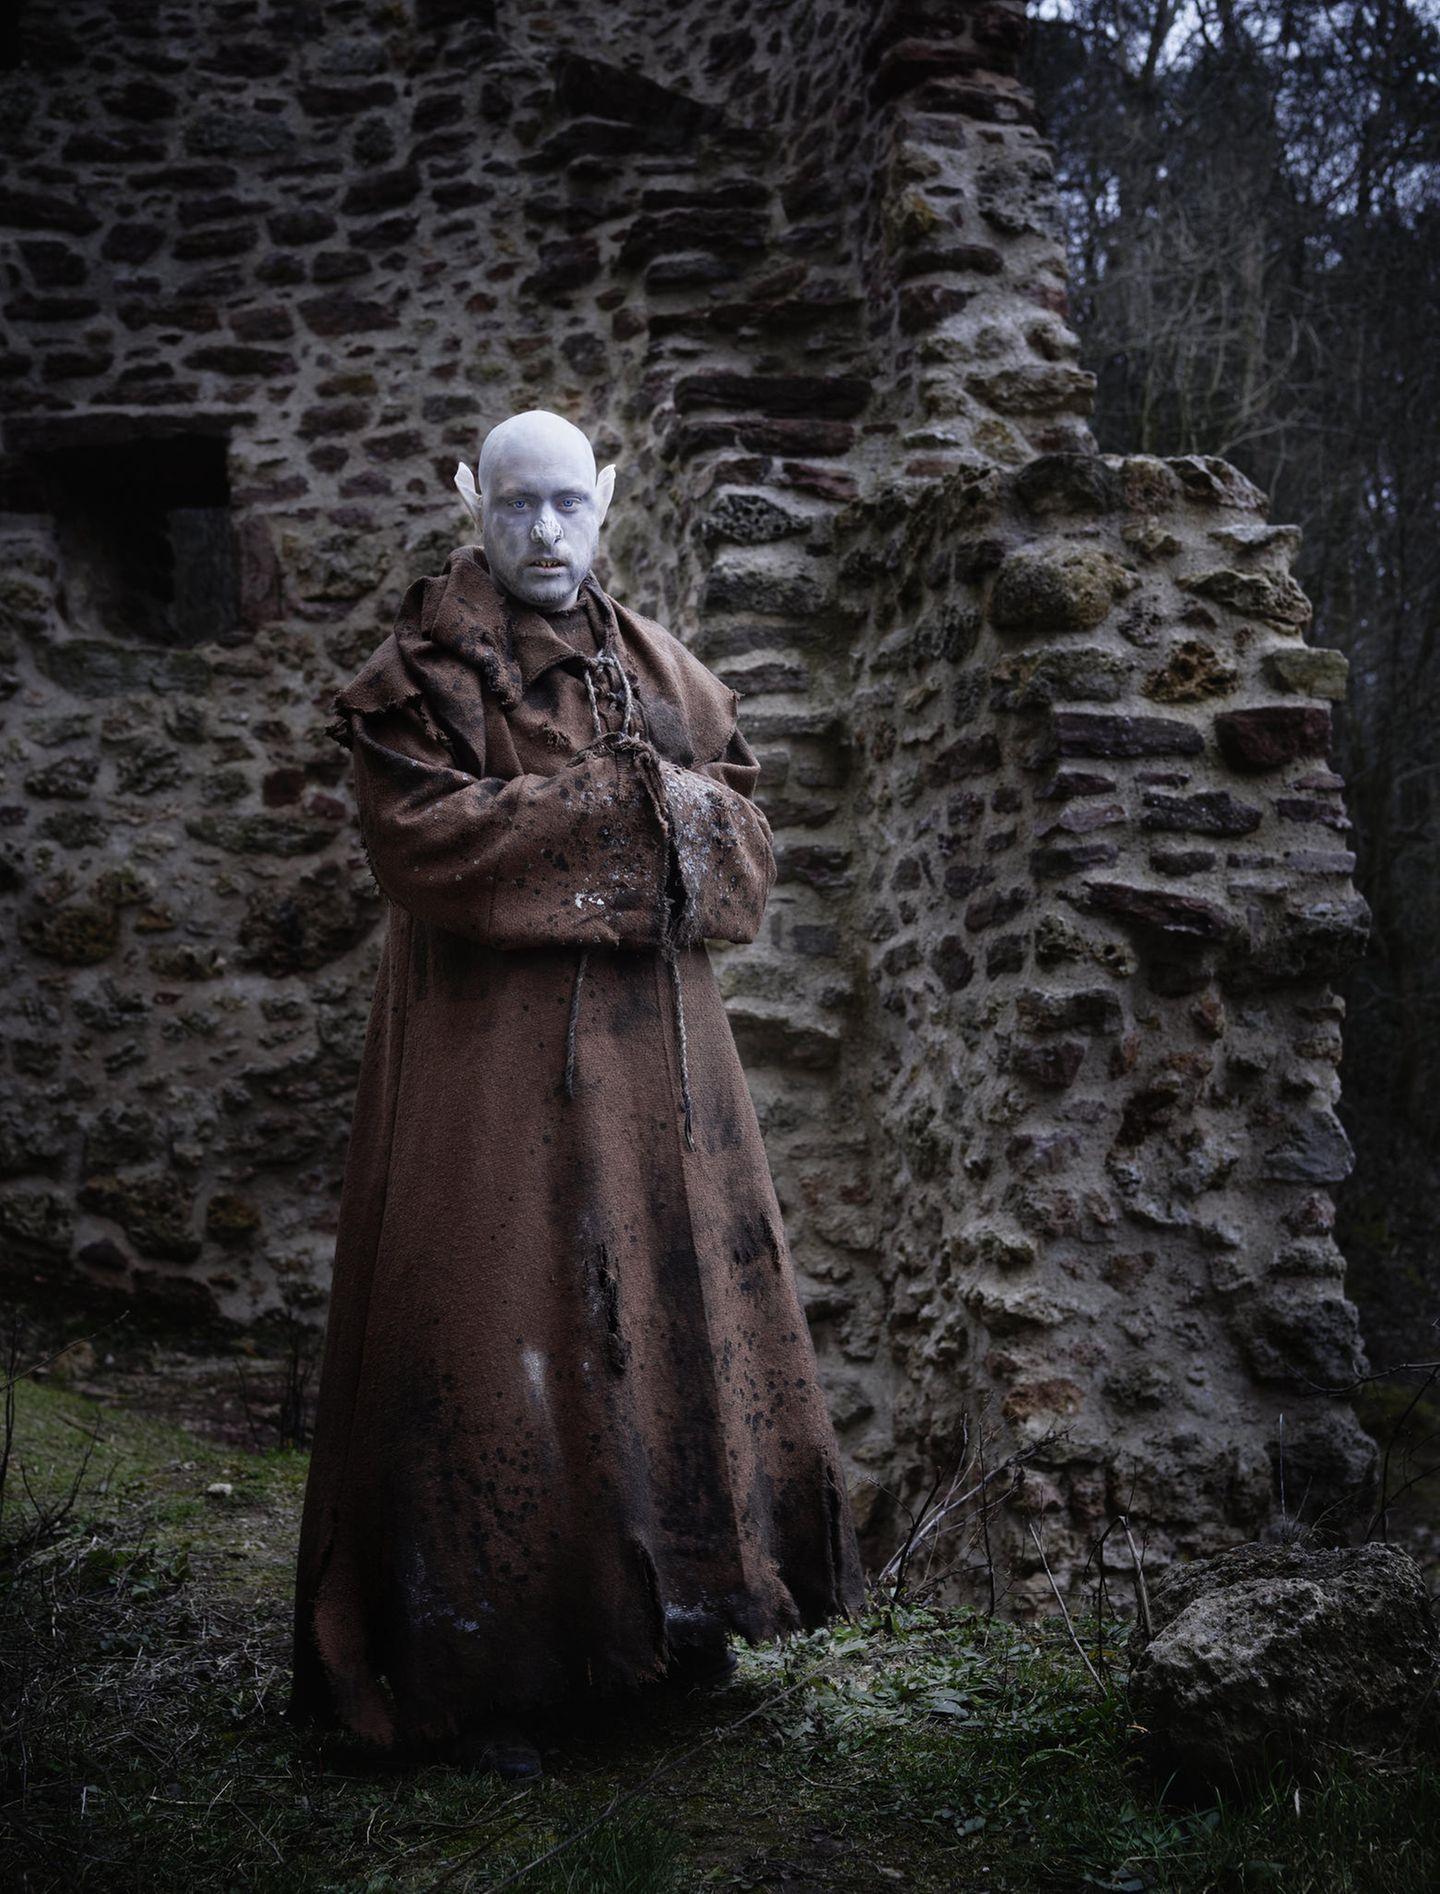 """""""Frater Julianus"""" – Abt. Die meisten Spieler wollen ihre wahre Identität nicht preisgeben. Bei diesem Ahnherrn des Nosferatu ist es anders. Zwischen spitzen Lauschern steckt ein kluger Kopf: Sebastian, ein Psychotherapeut aus Berlin"""